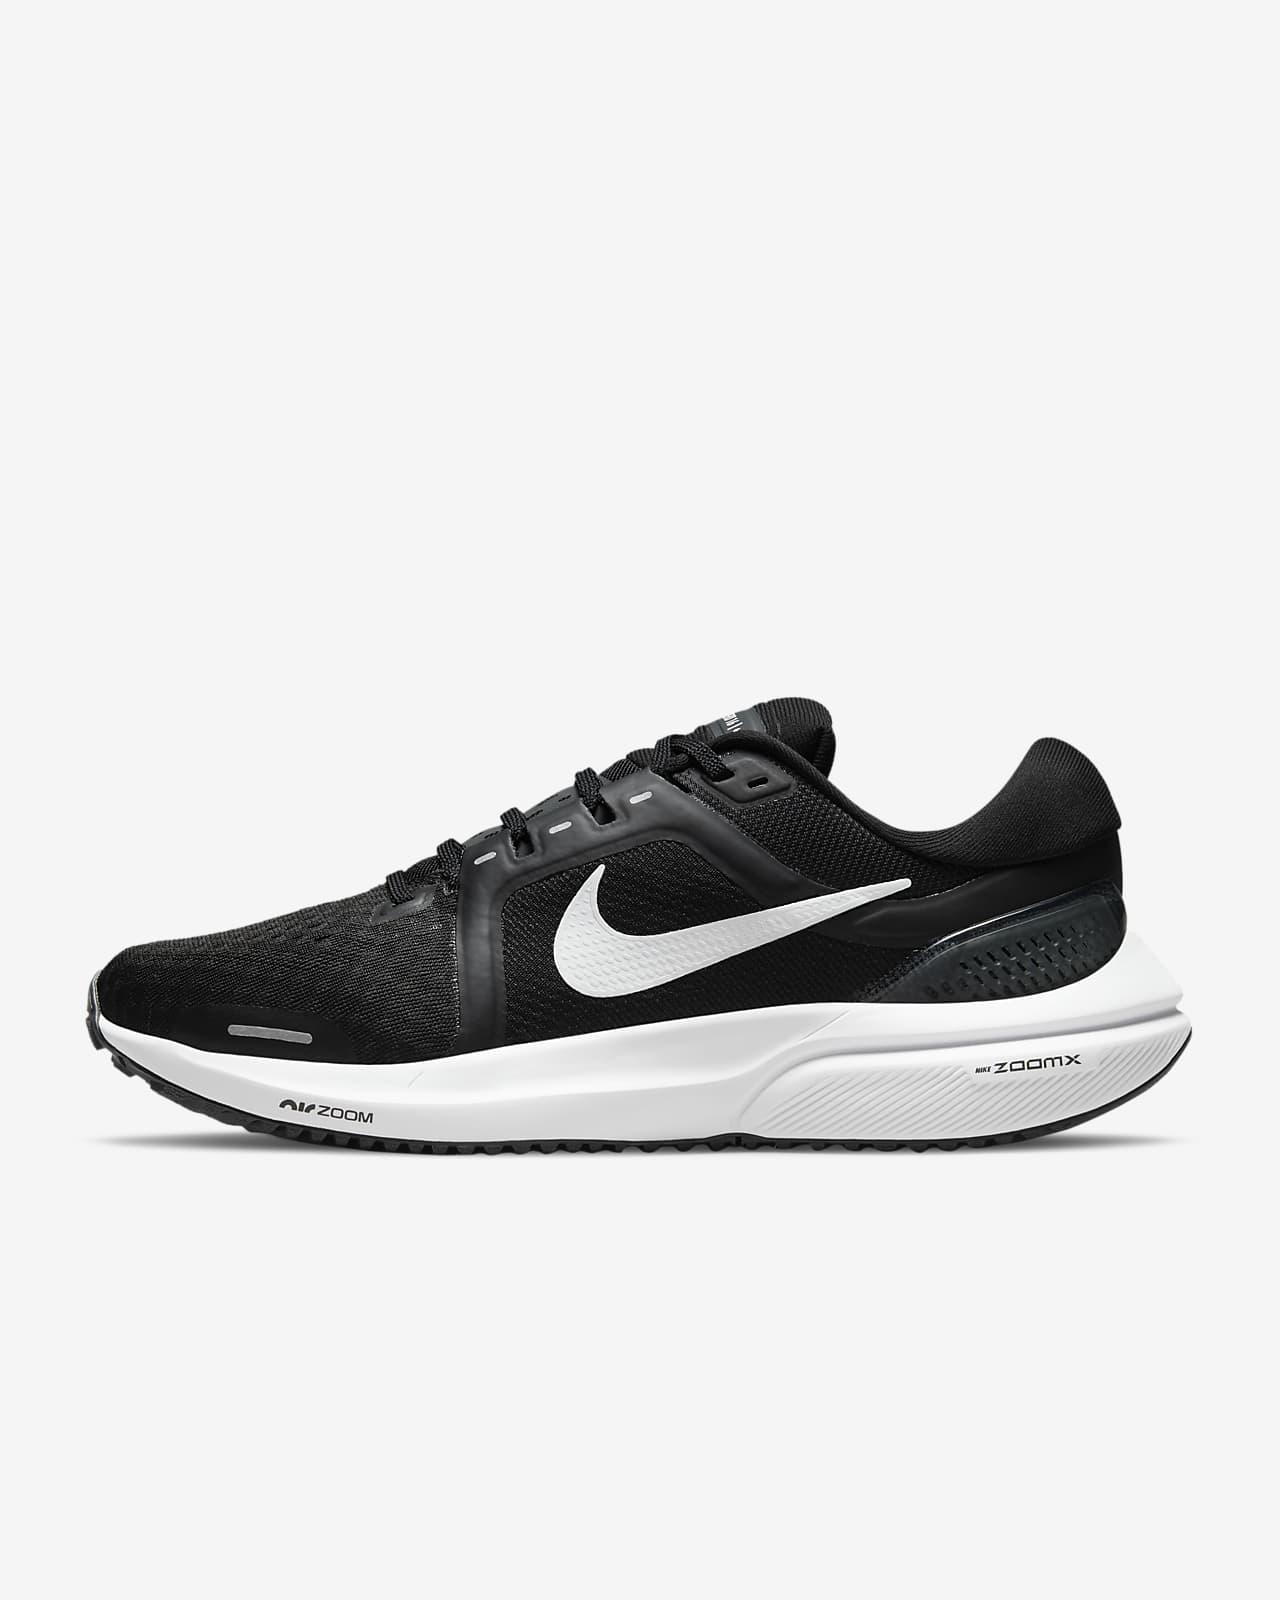 Löparskor Nike Air Zoom Vomero 16 för väg för kvinnor